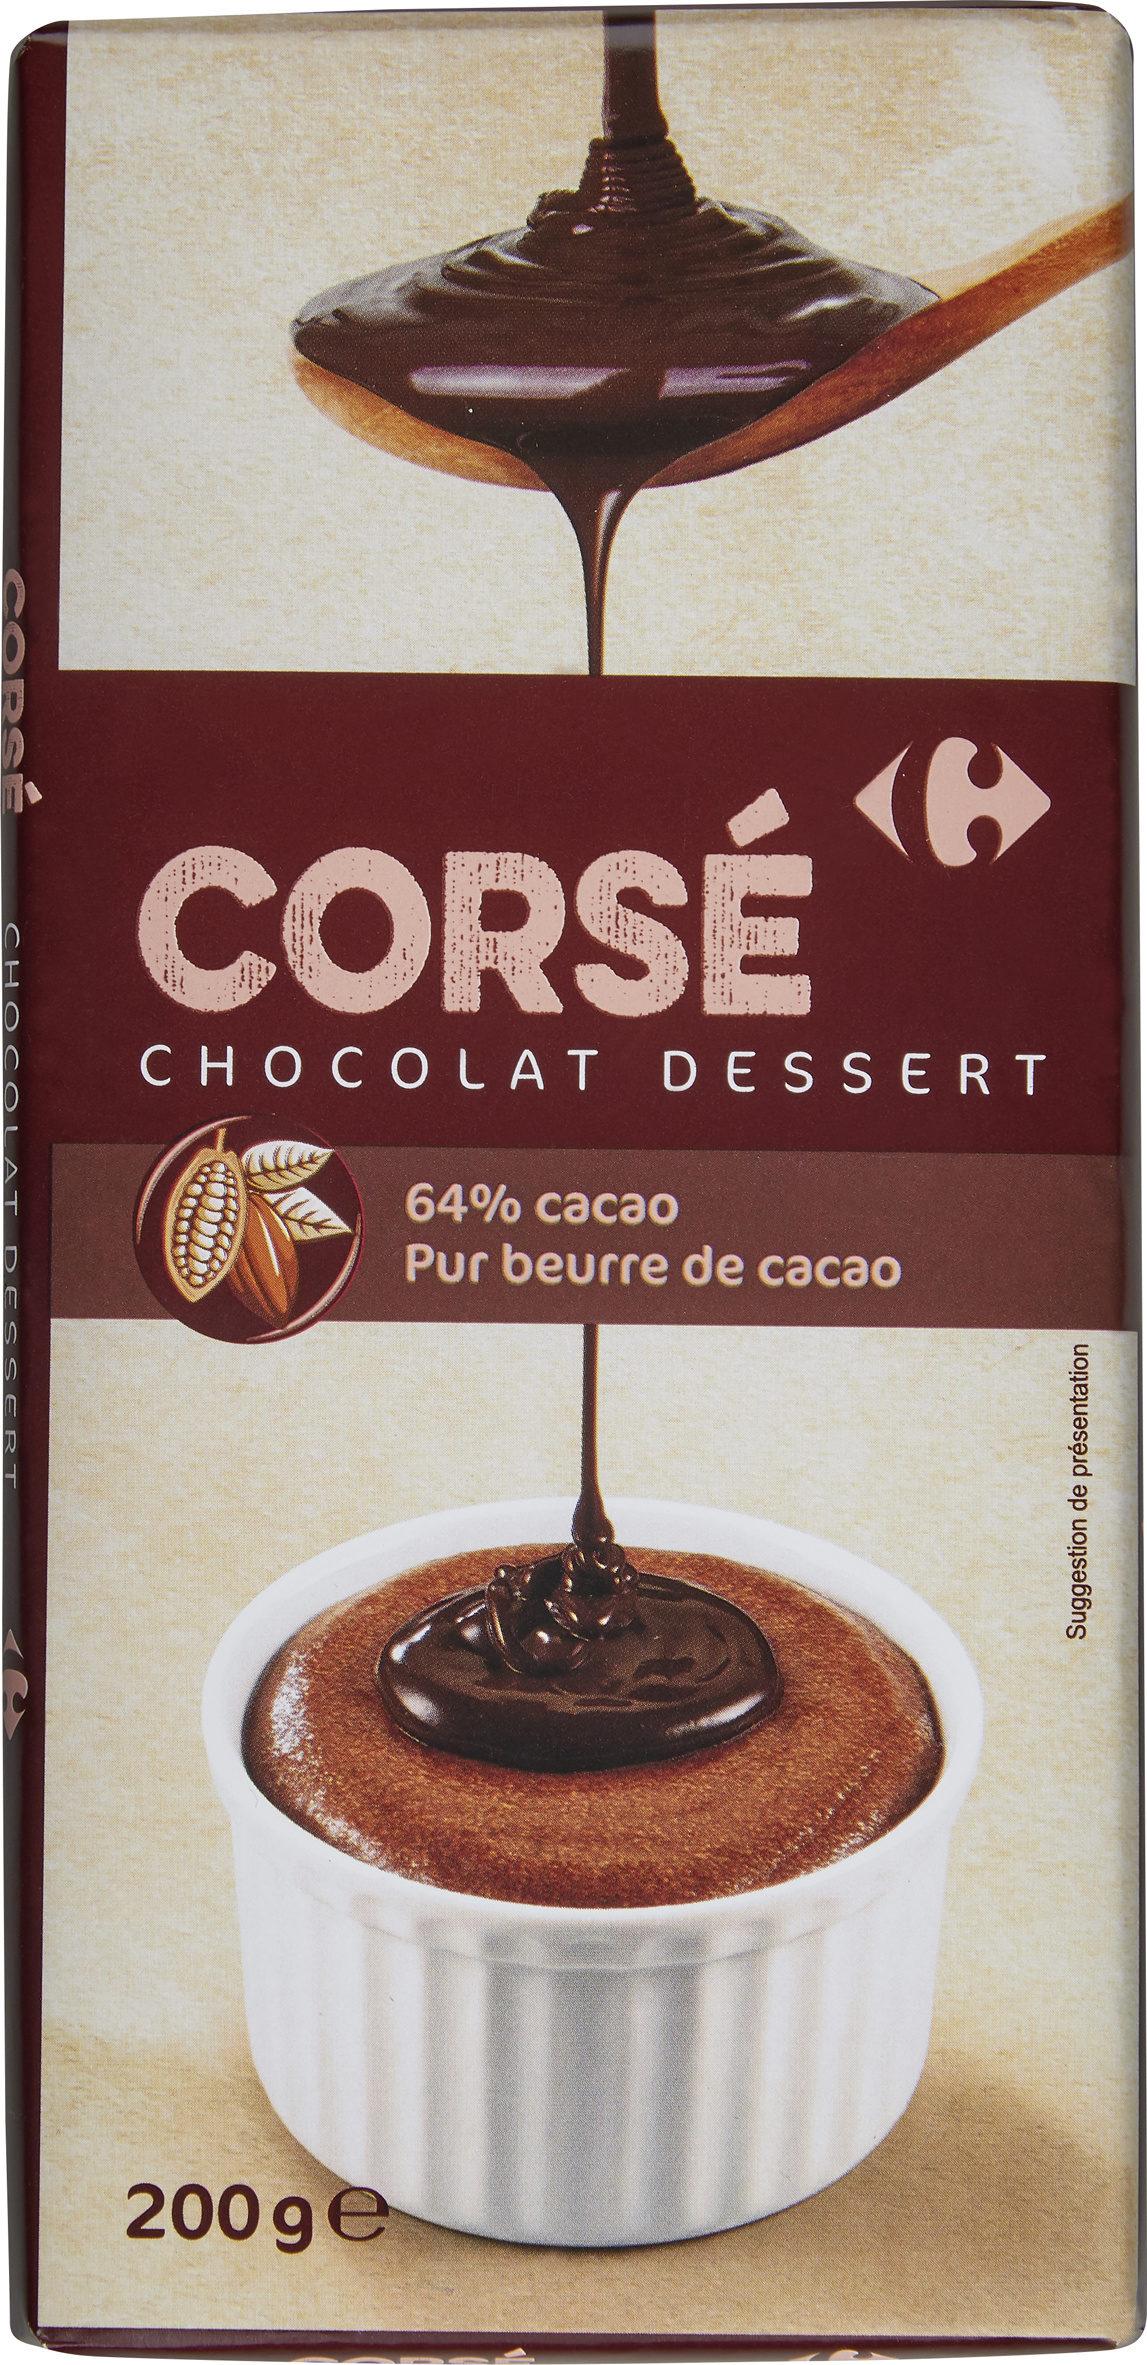 Corsé chocolat dessert - Produit - fr